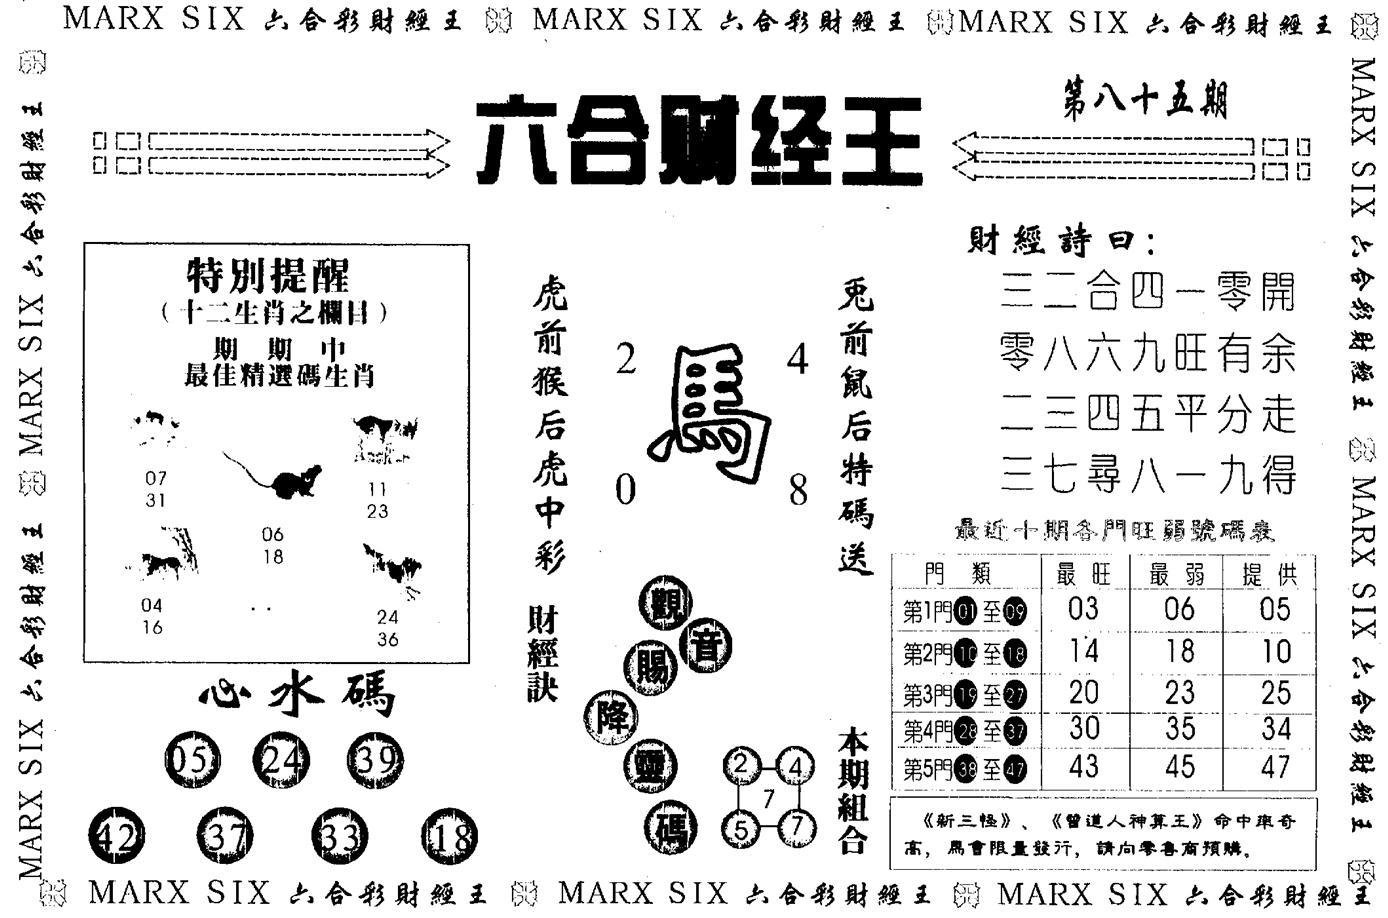 085期另版六合财经王(黑白)